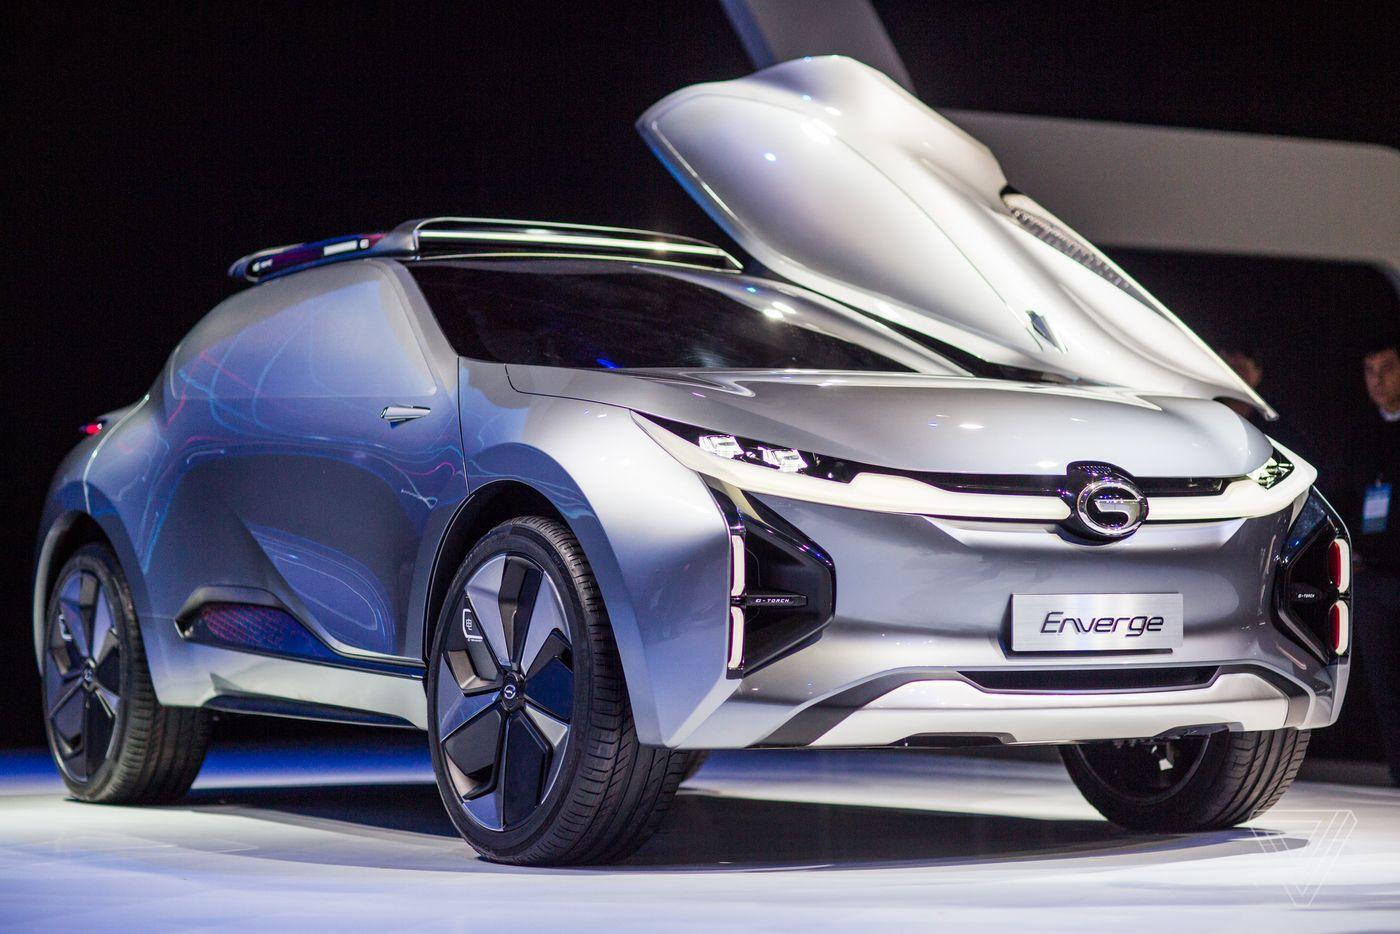 广汽传祺展示电动概念车,车窗带嵌入式VR屏幕